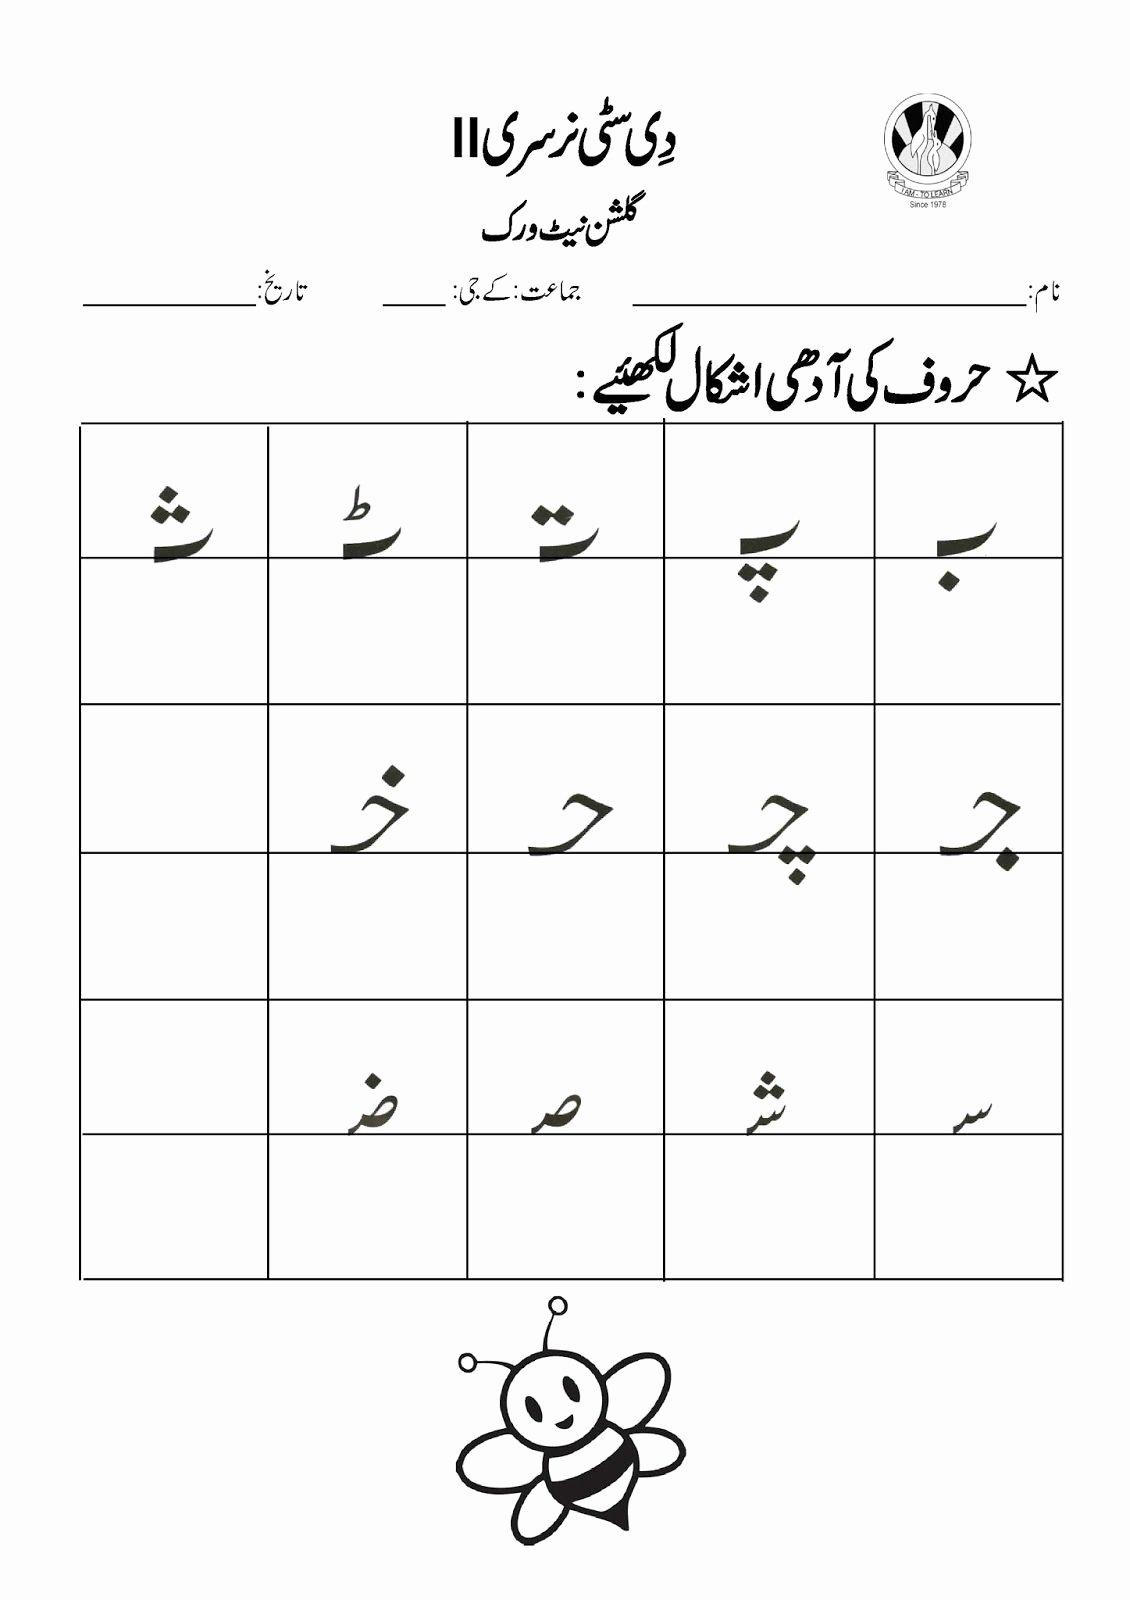 Urdu Worksheets for Preschoolers Awesome Sr Gulshan the City Nursery Ii Urdu First Term Worksheet for